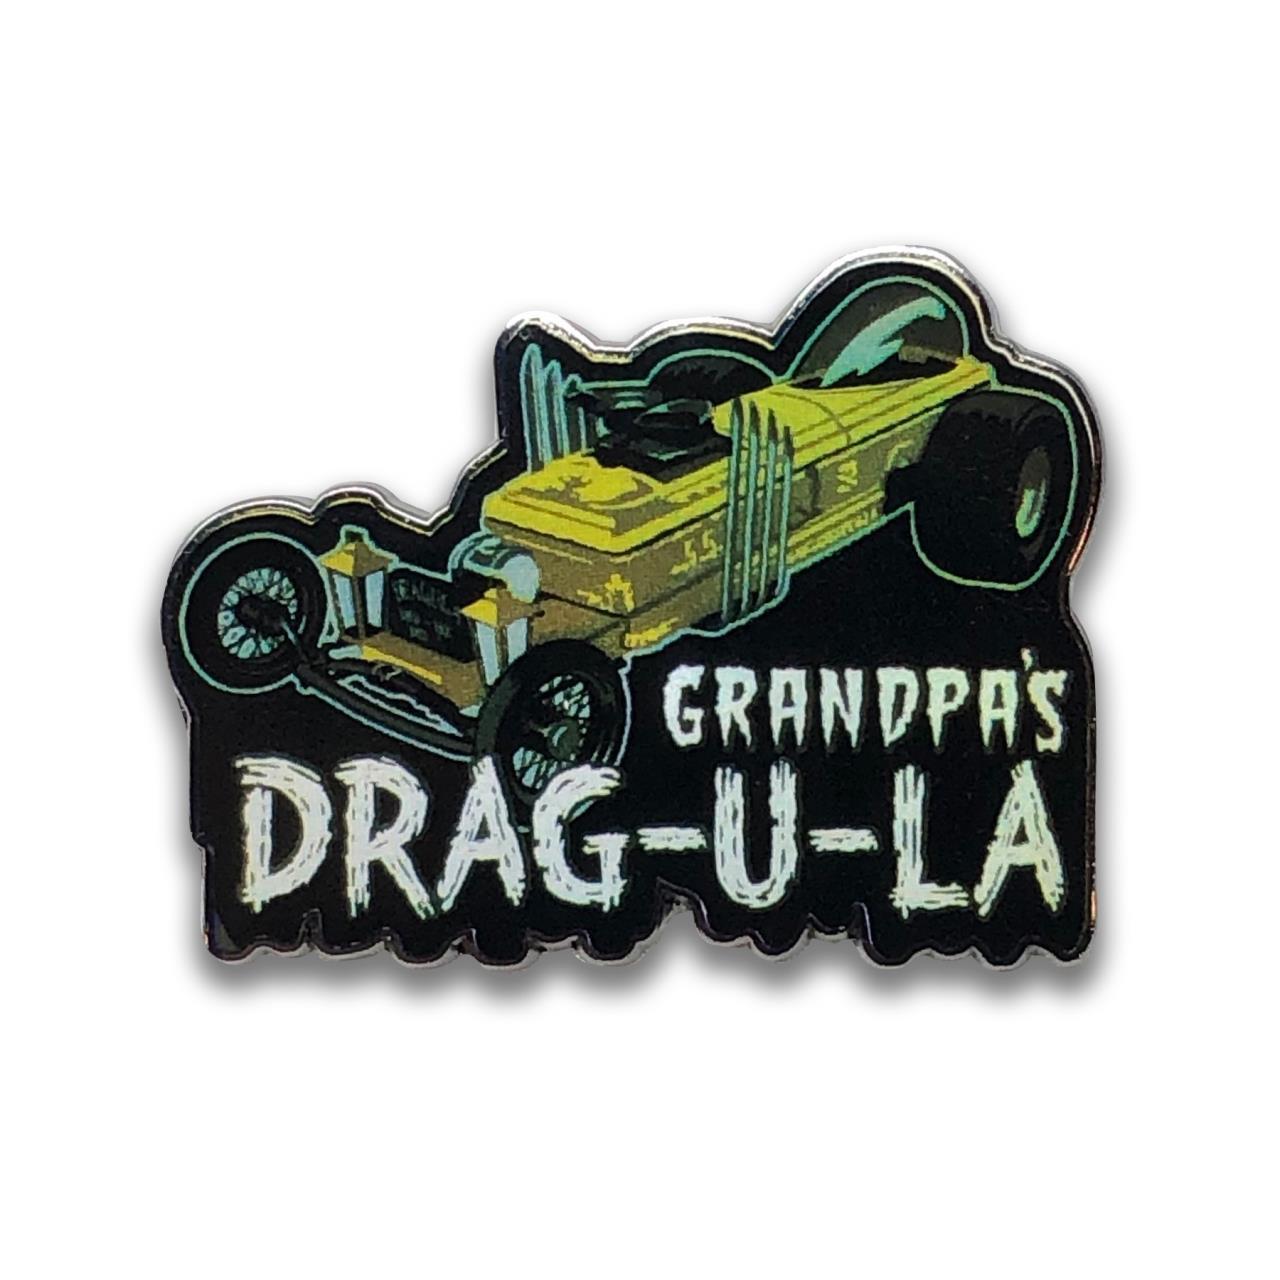 Grandpa's DRAG-U-LA Collectable Pin* - 0659682807201